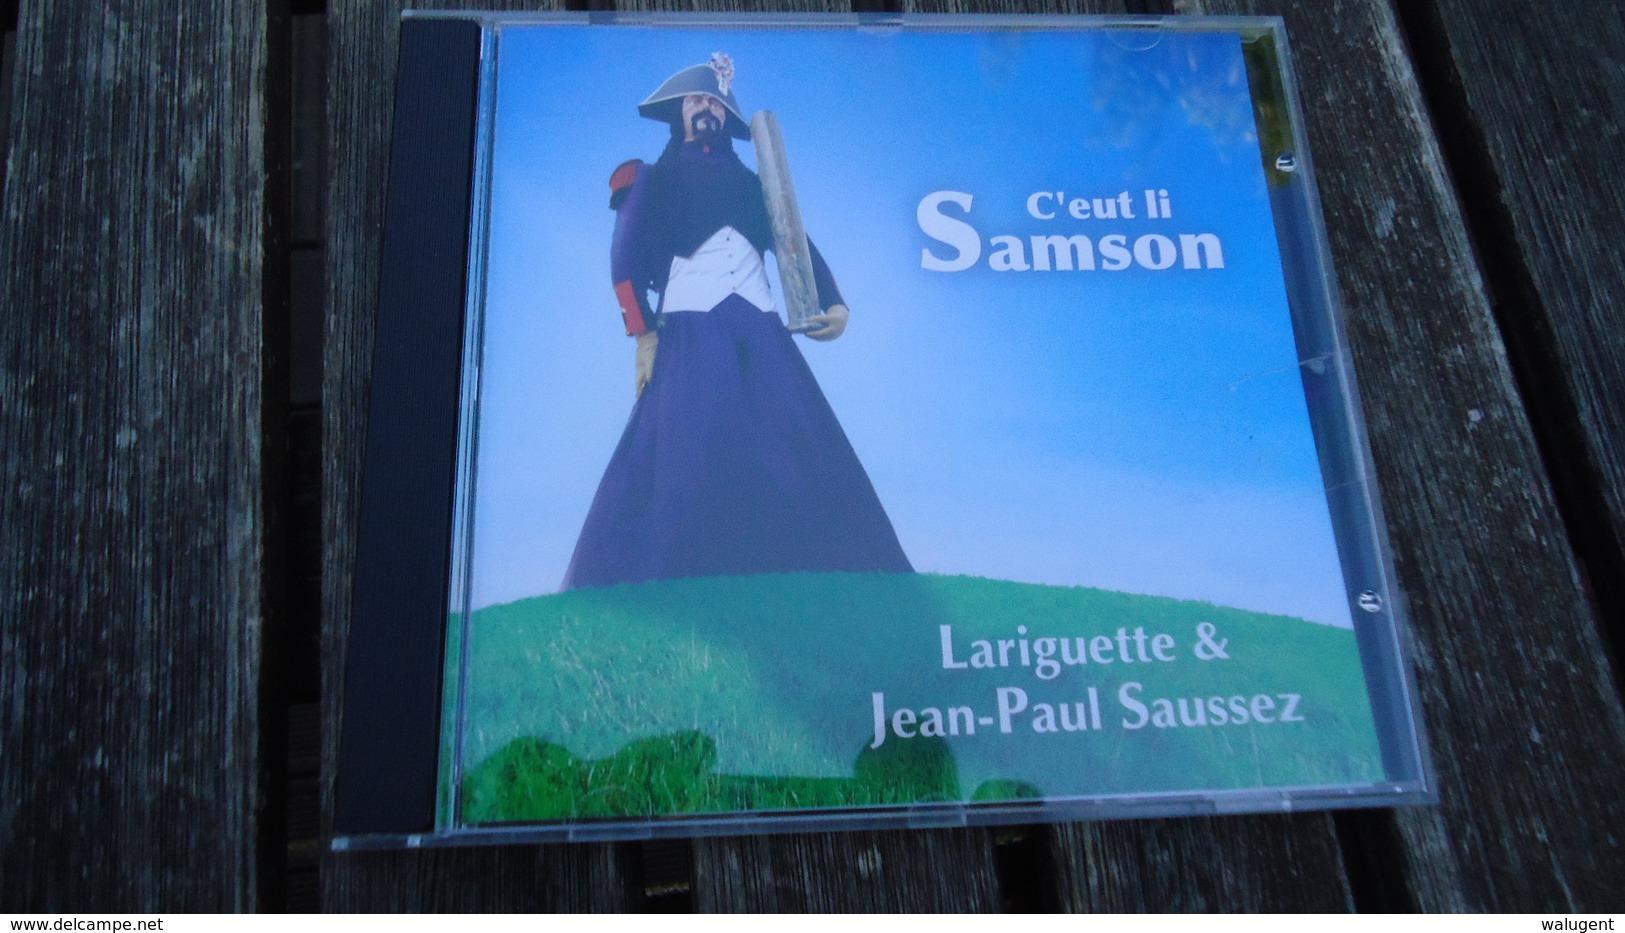 Ath - C'eut Li Samson - Lariguette & J.P.Saussez - Musique & Instruments